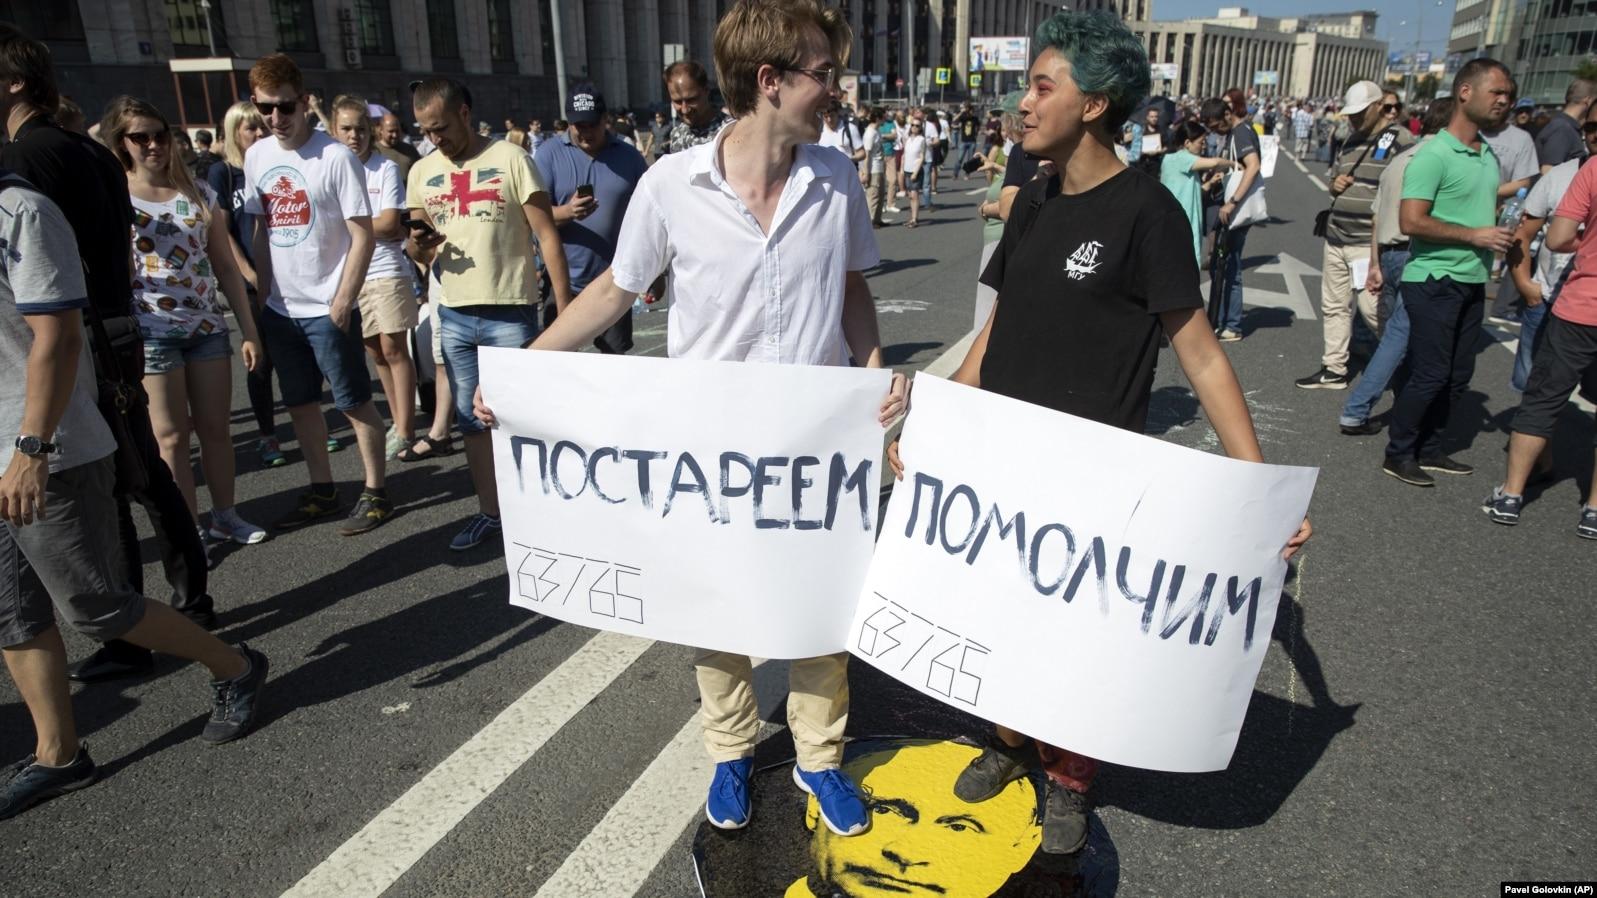 В Петербурге согласовали акцию против пенсионной реформы 9 сентября